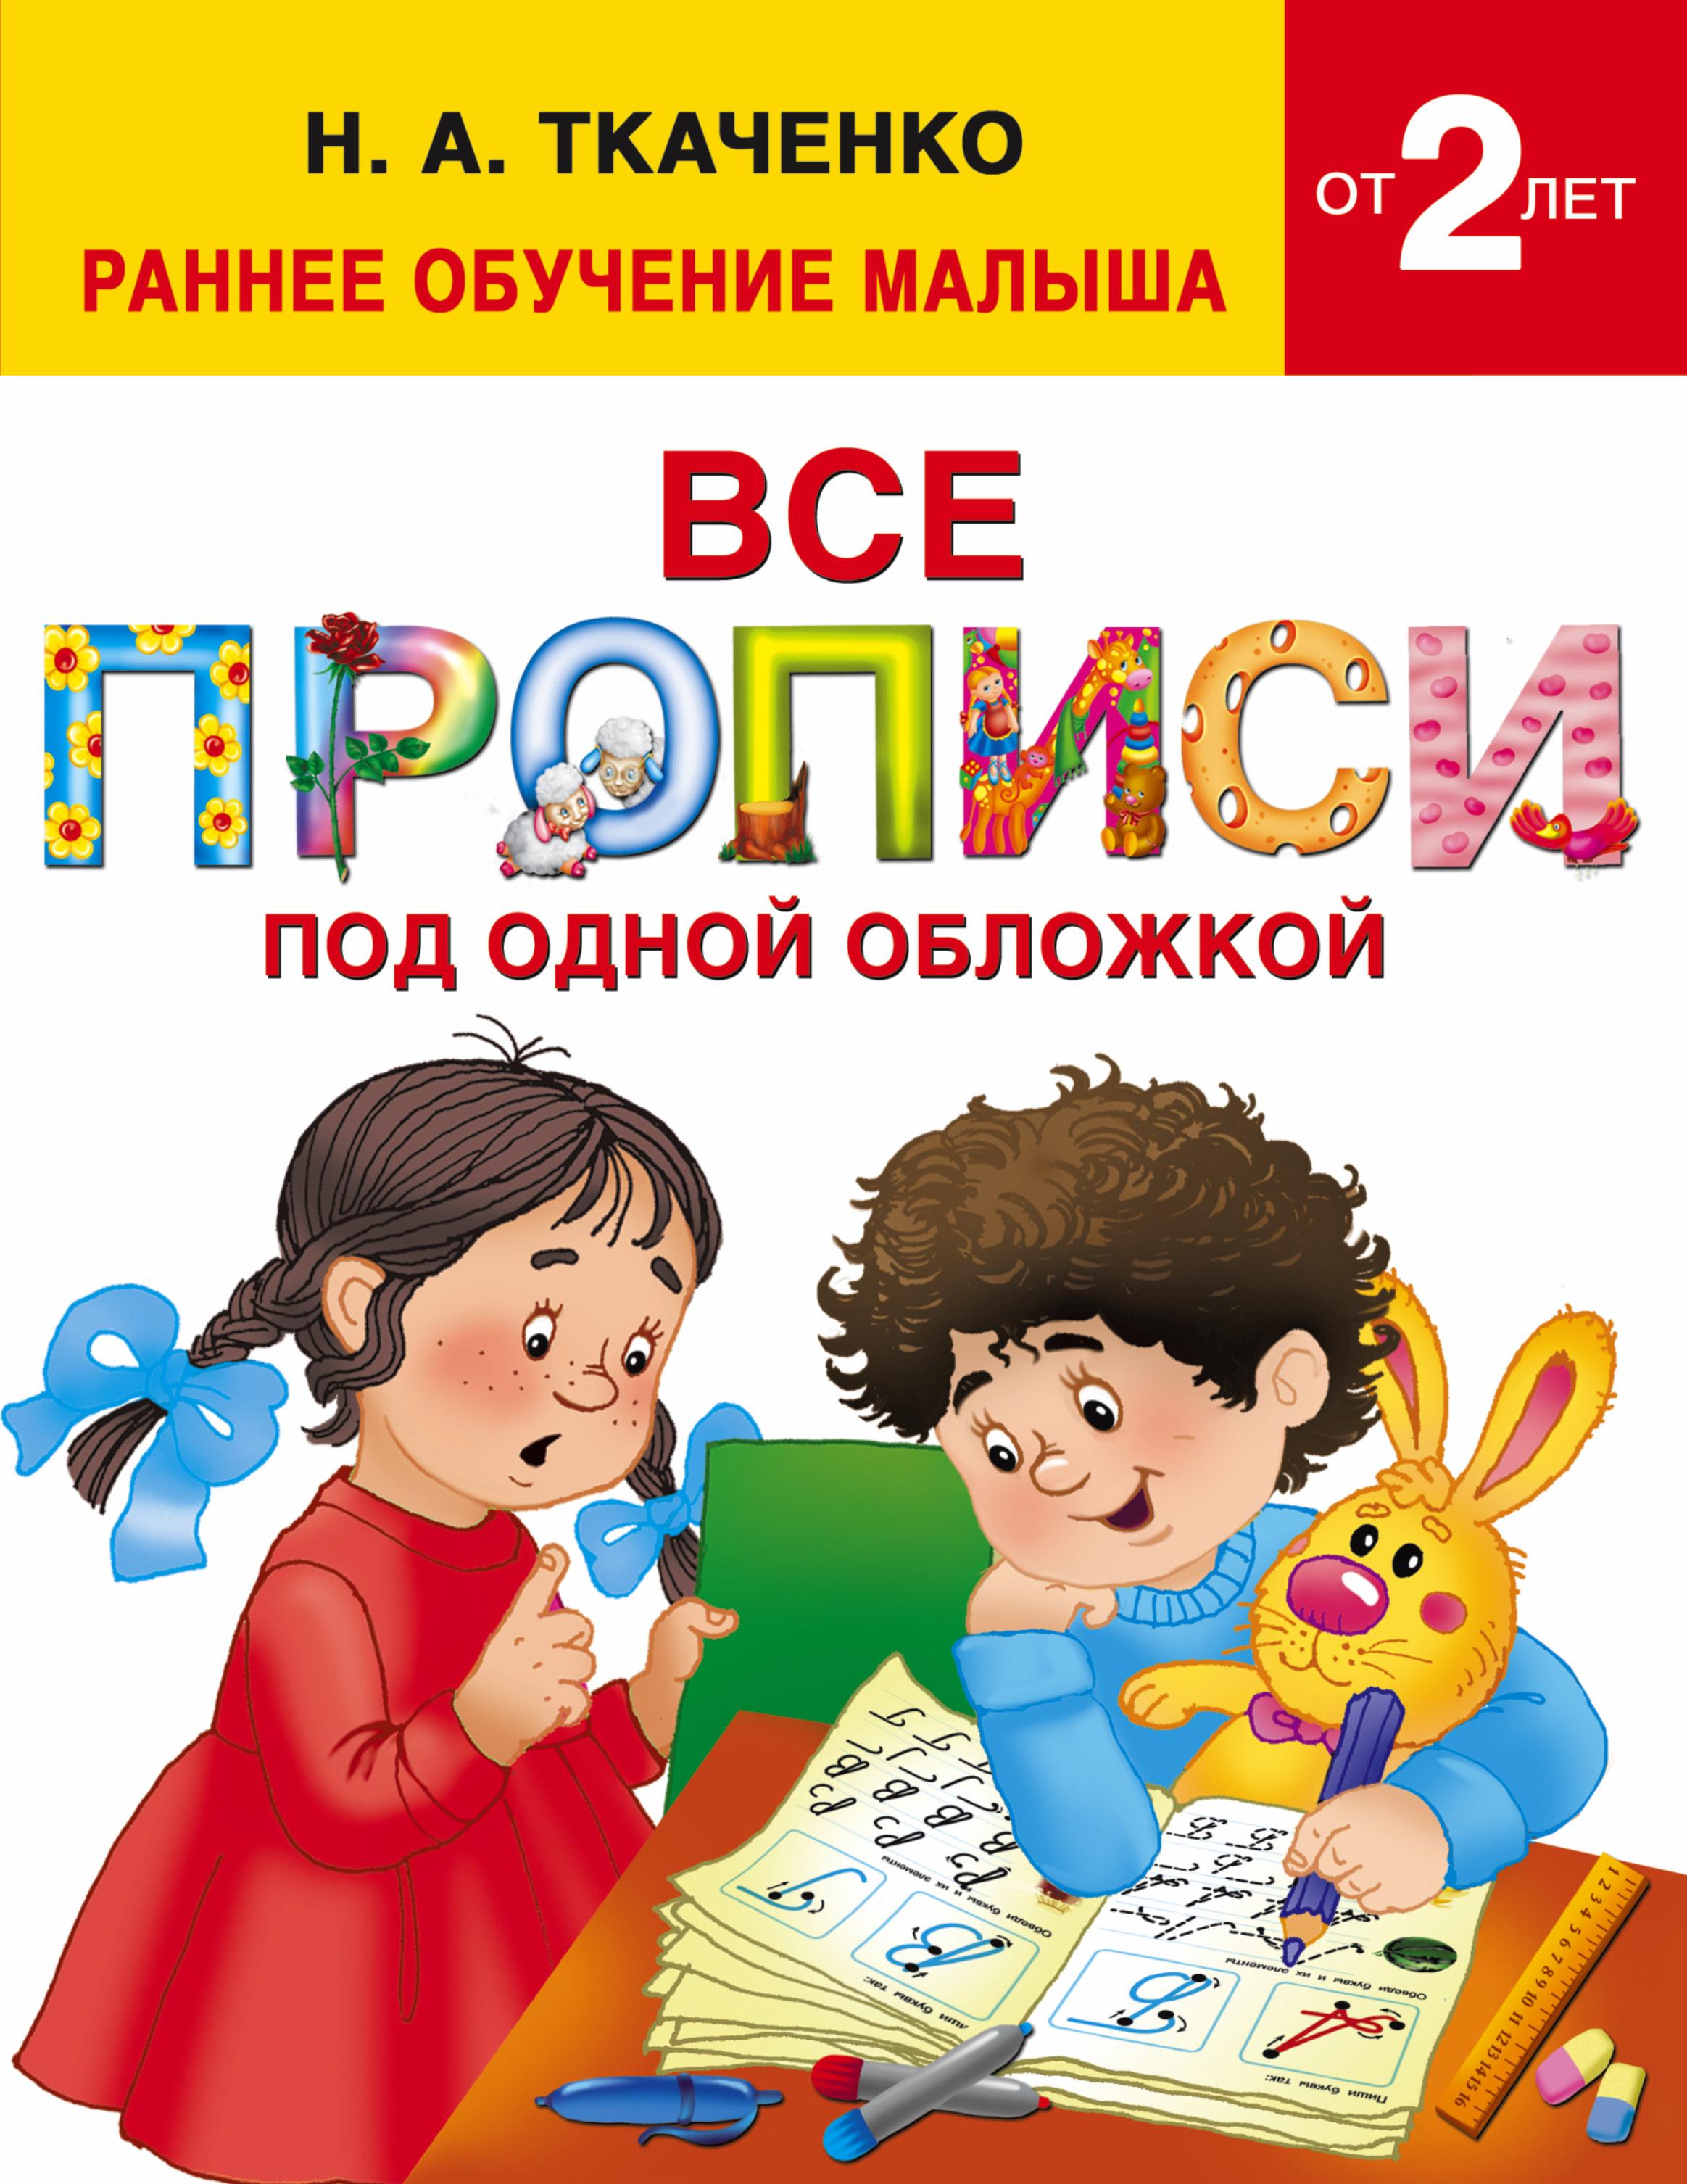 Все прописи под одной обложкой от book24.ru